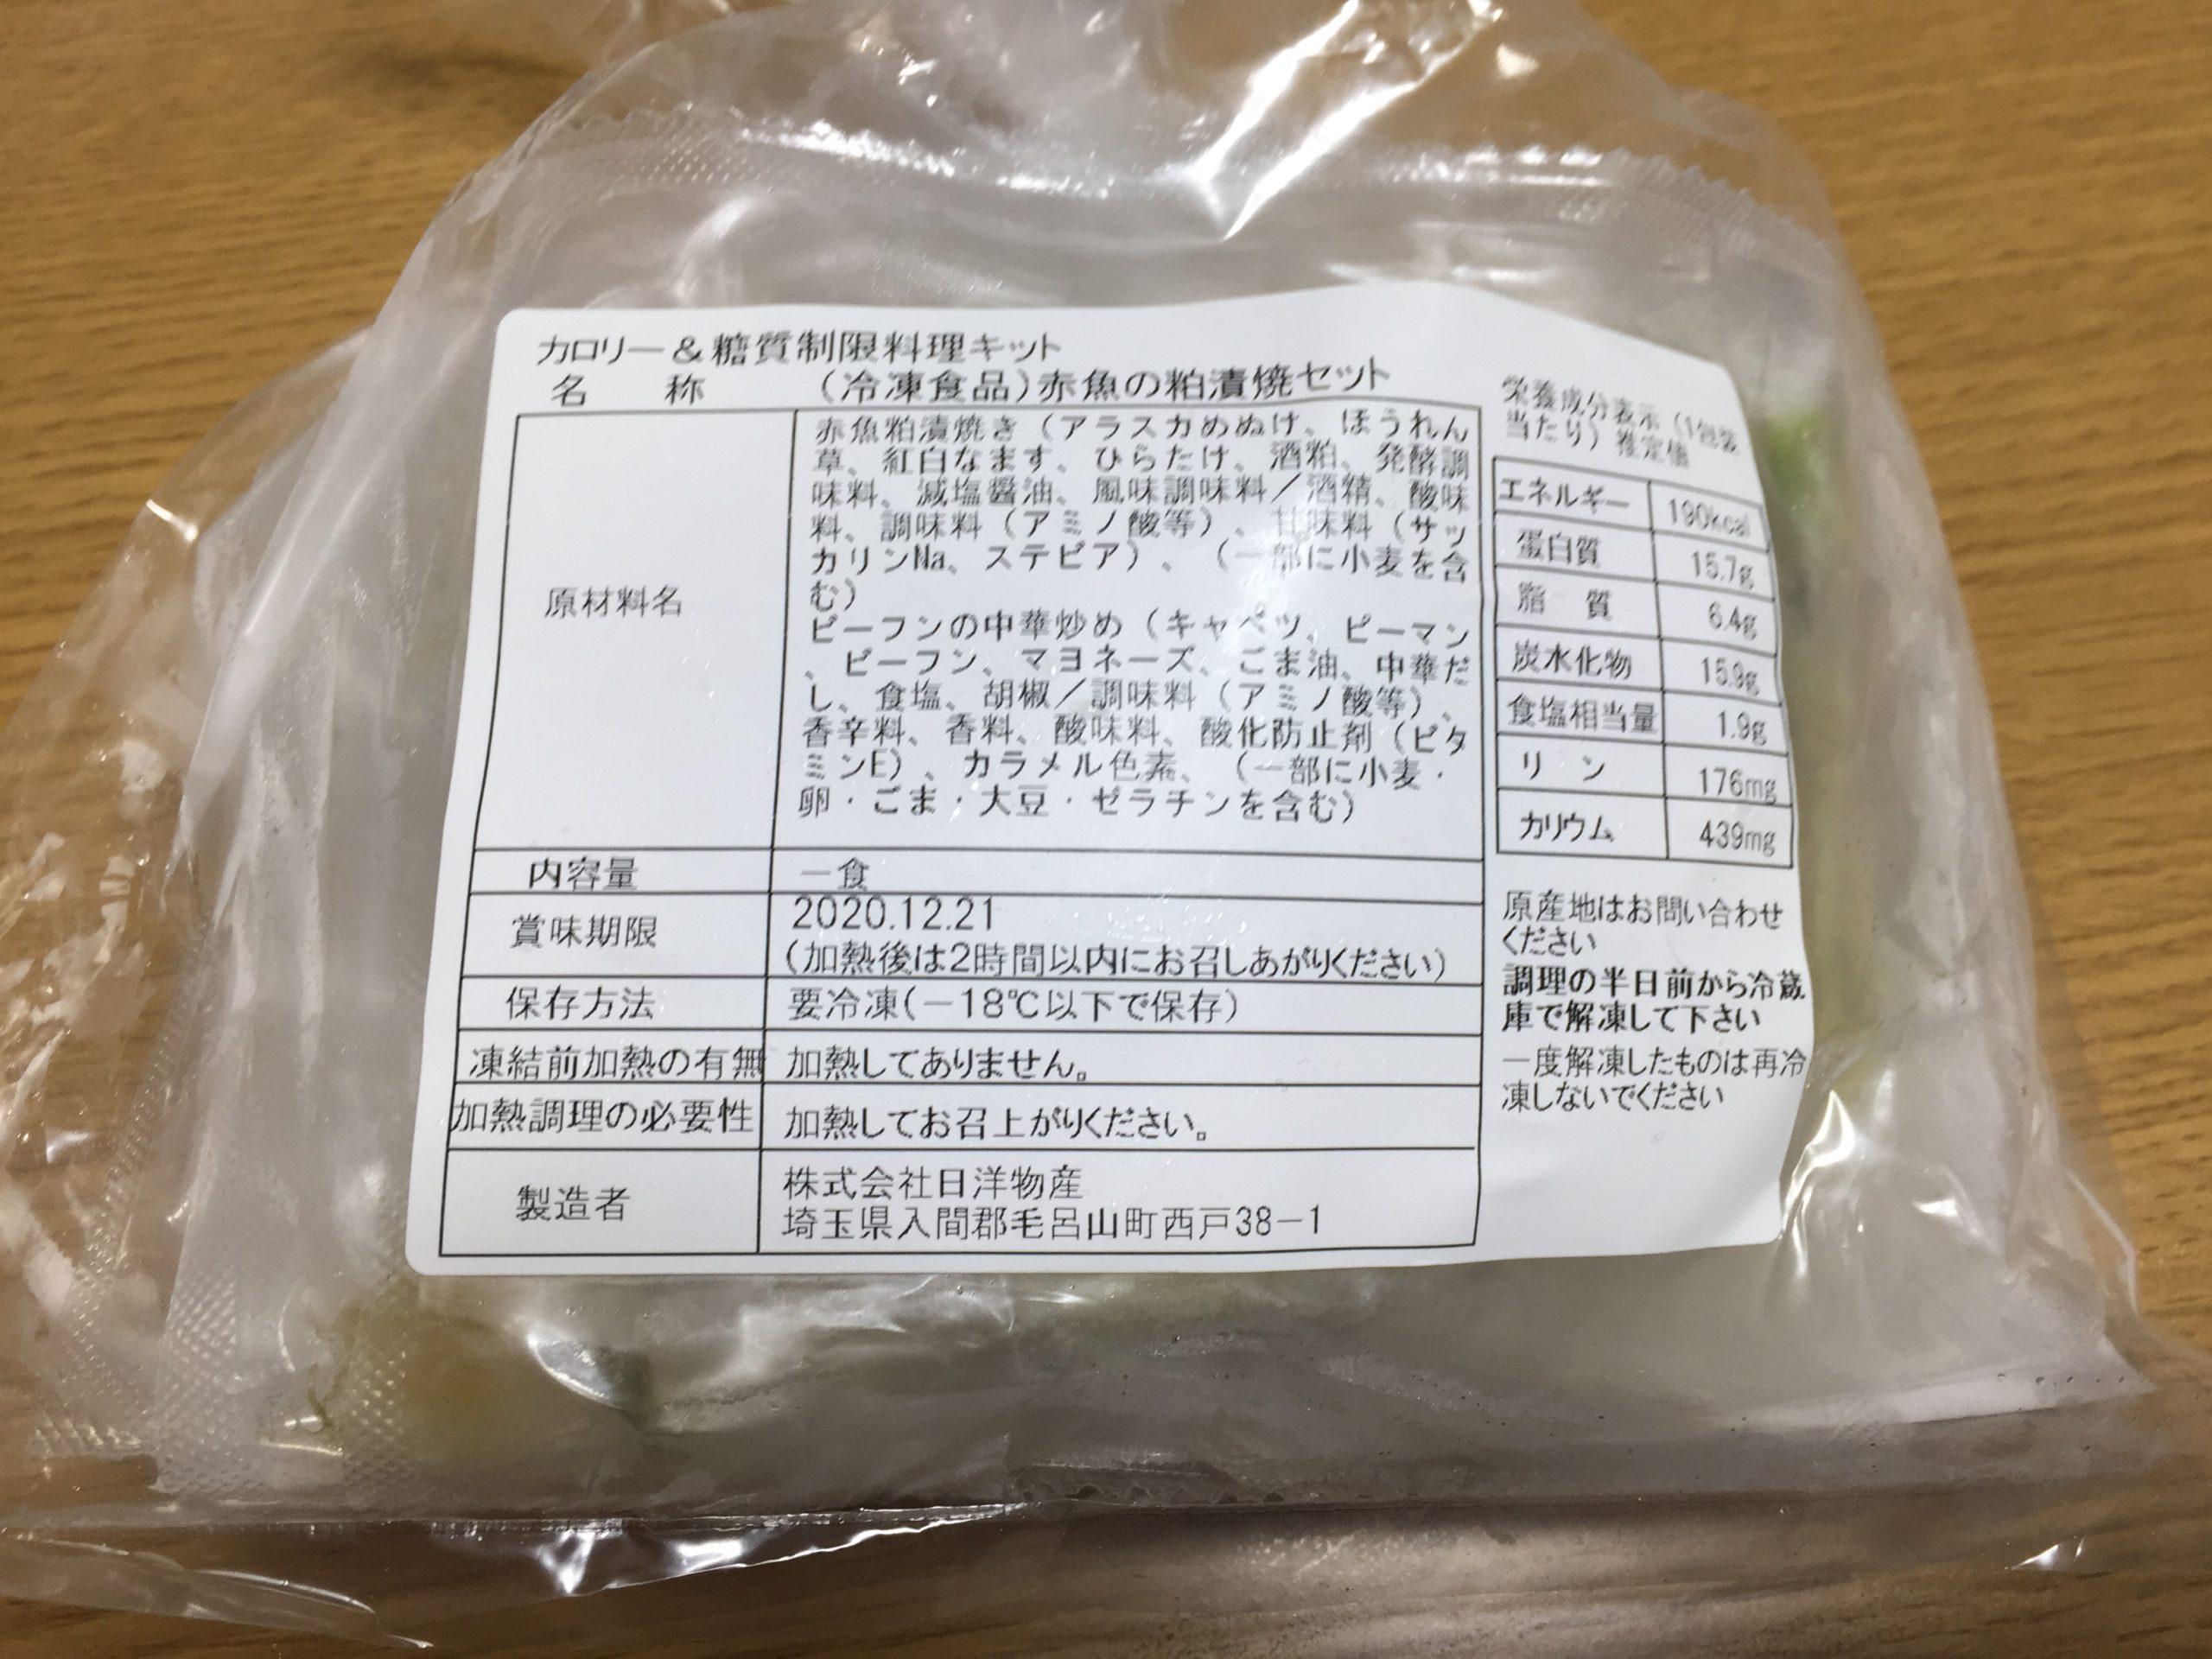 赤魚の粕漬焼きの成分と原材料